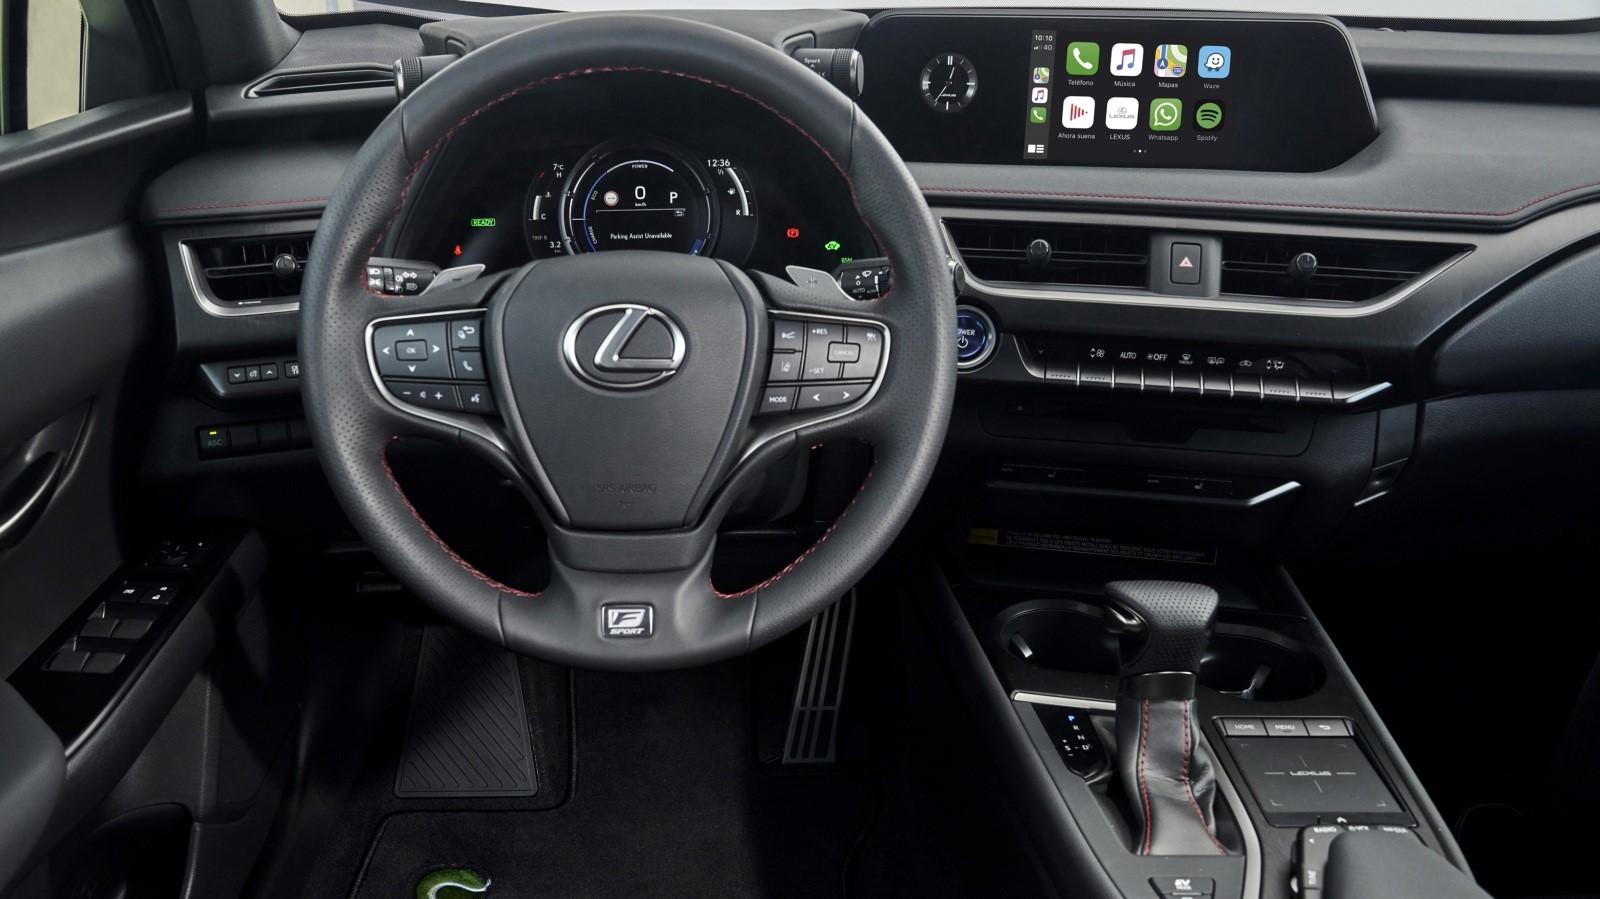 La cabina de la Lexus UX 250h Tennis Cup Edition no exhibe demasiadas modificaciones con relación a la variante F Sport